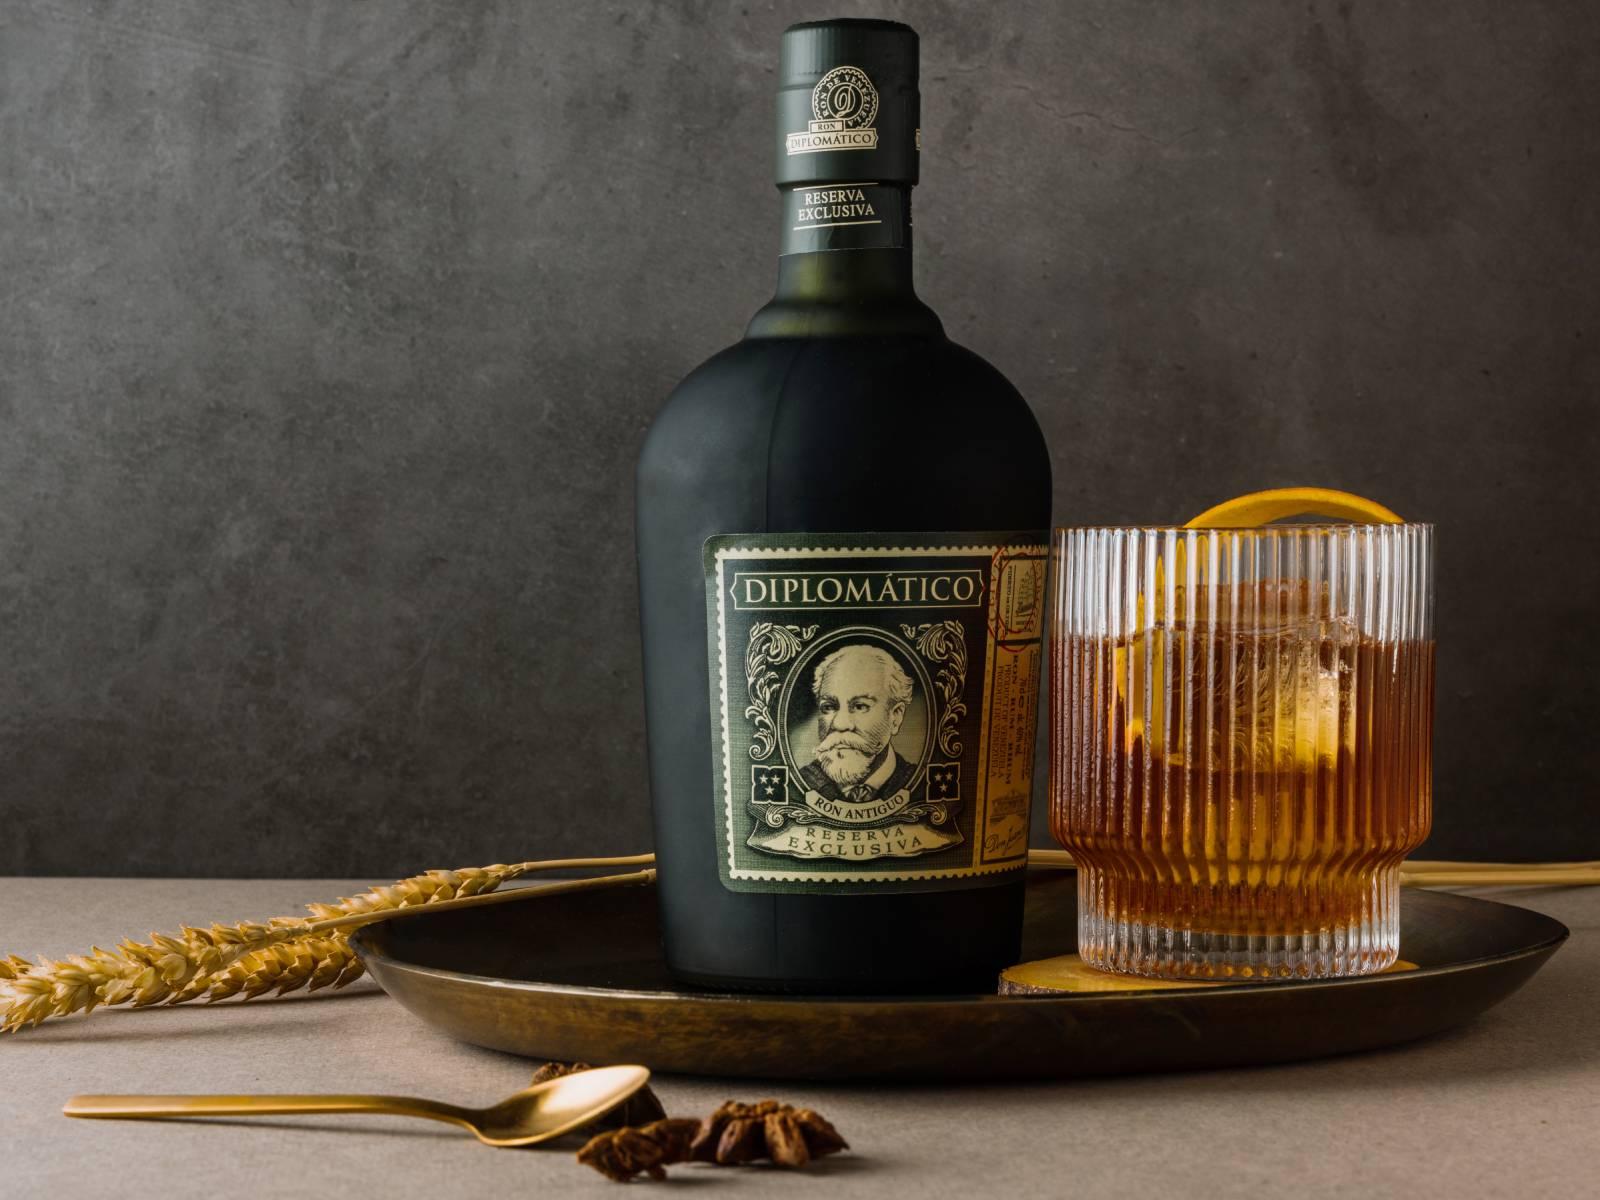 diplomatico-reserva-exclusiva-old-fashioned